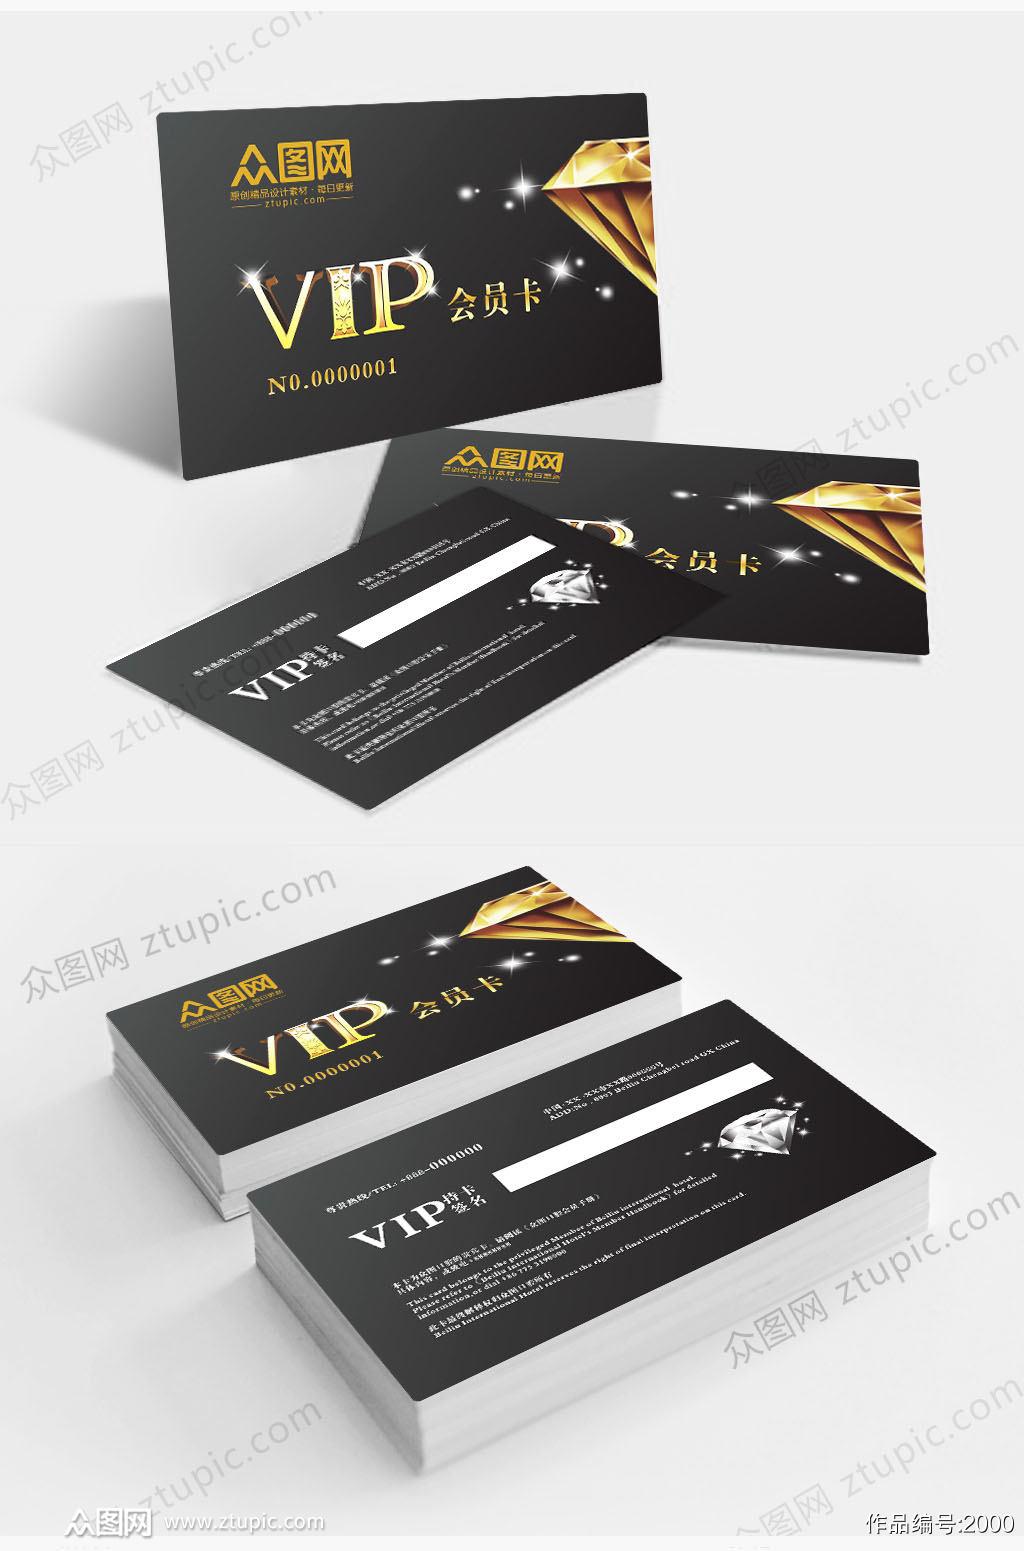 大气金黑色商务VIP贵宾卡会员卡素材